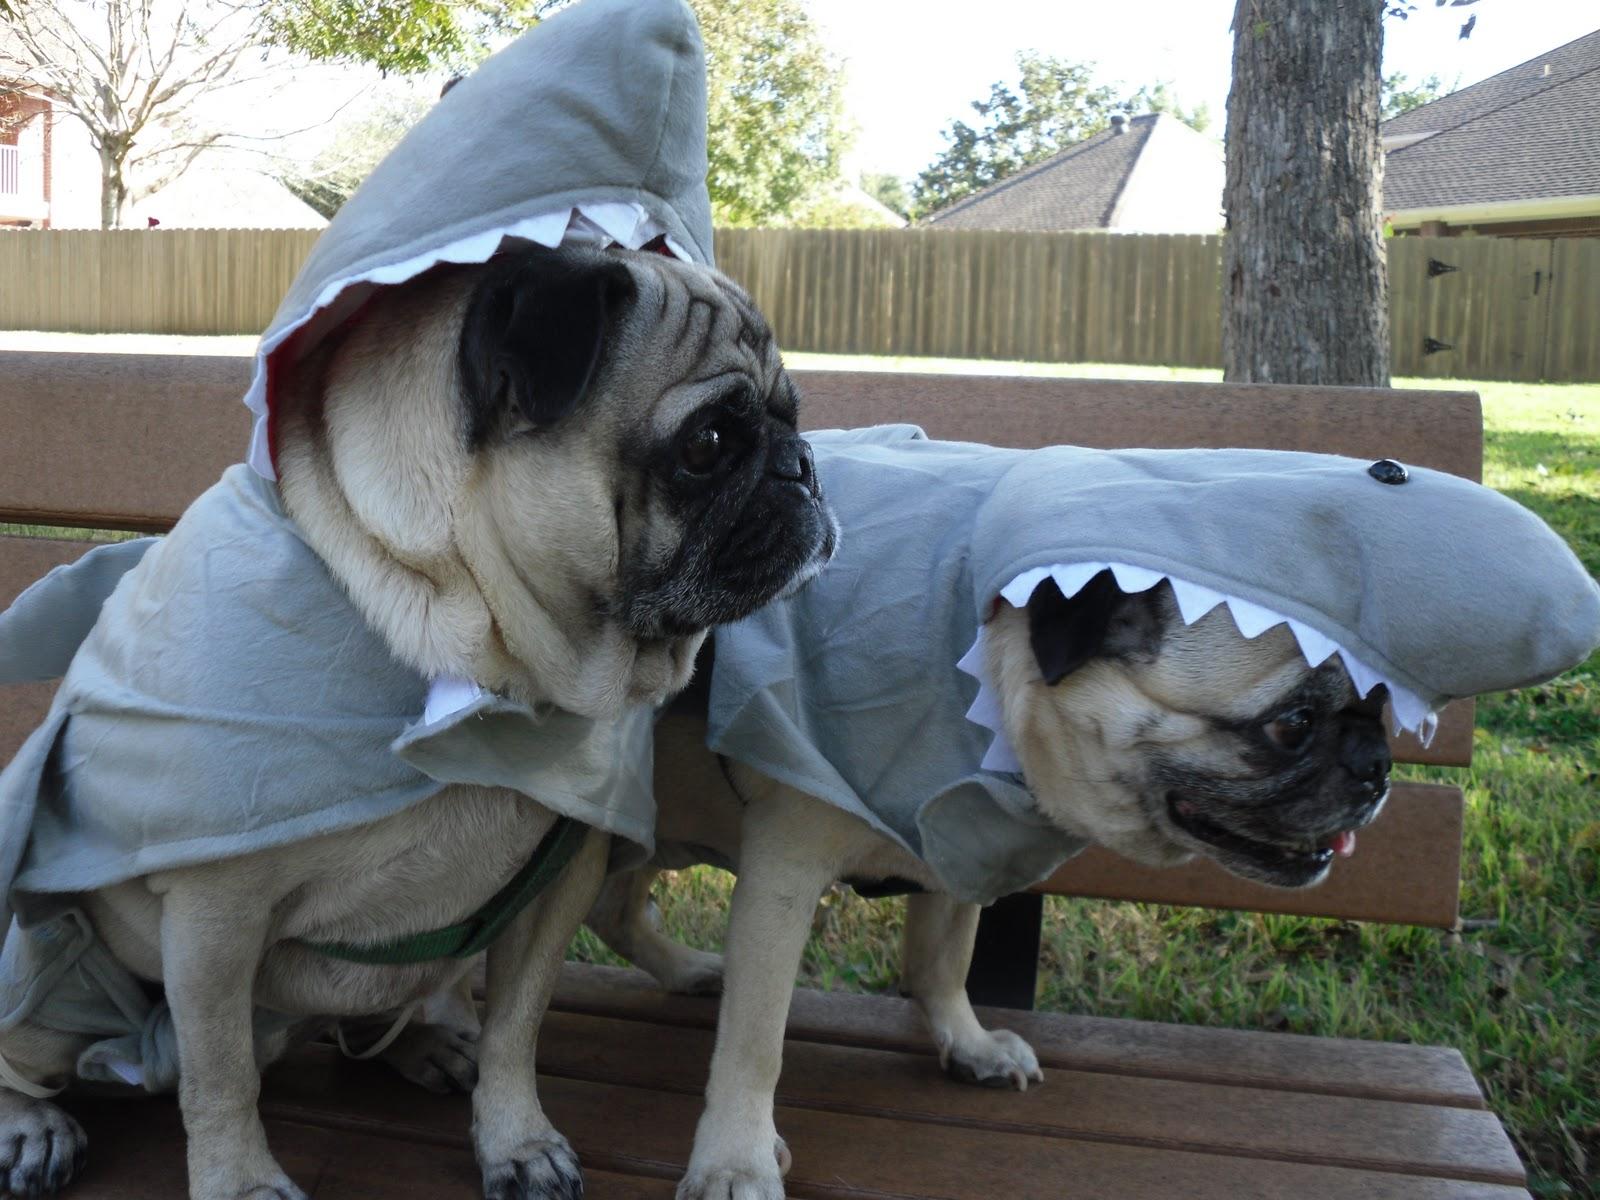 http://2.bp.blogspot.com/_xCZXXM23n7k/TMB0uqQagFI/AAAAAAAAB0I/EHss7fI6lGY/s1600/Halloween.jpg